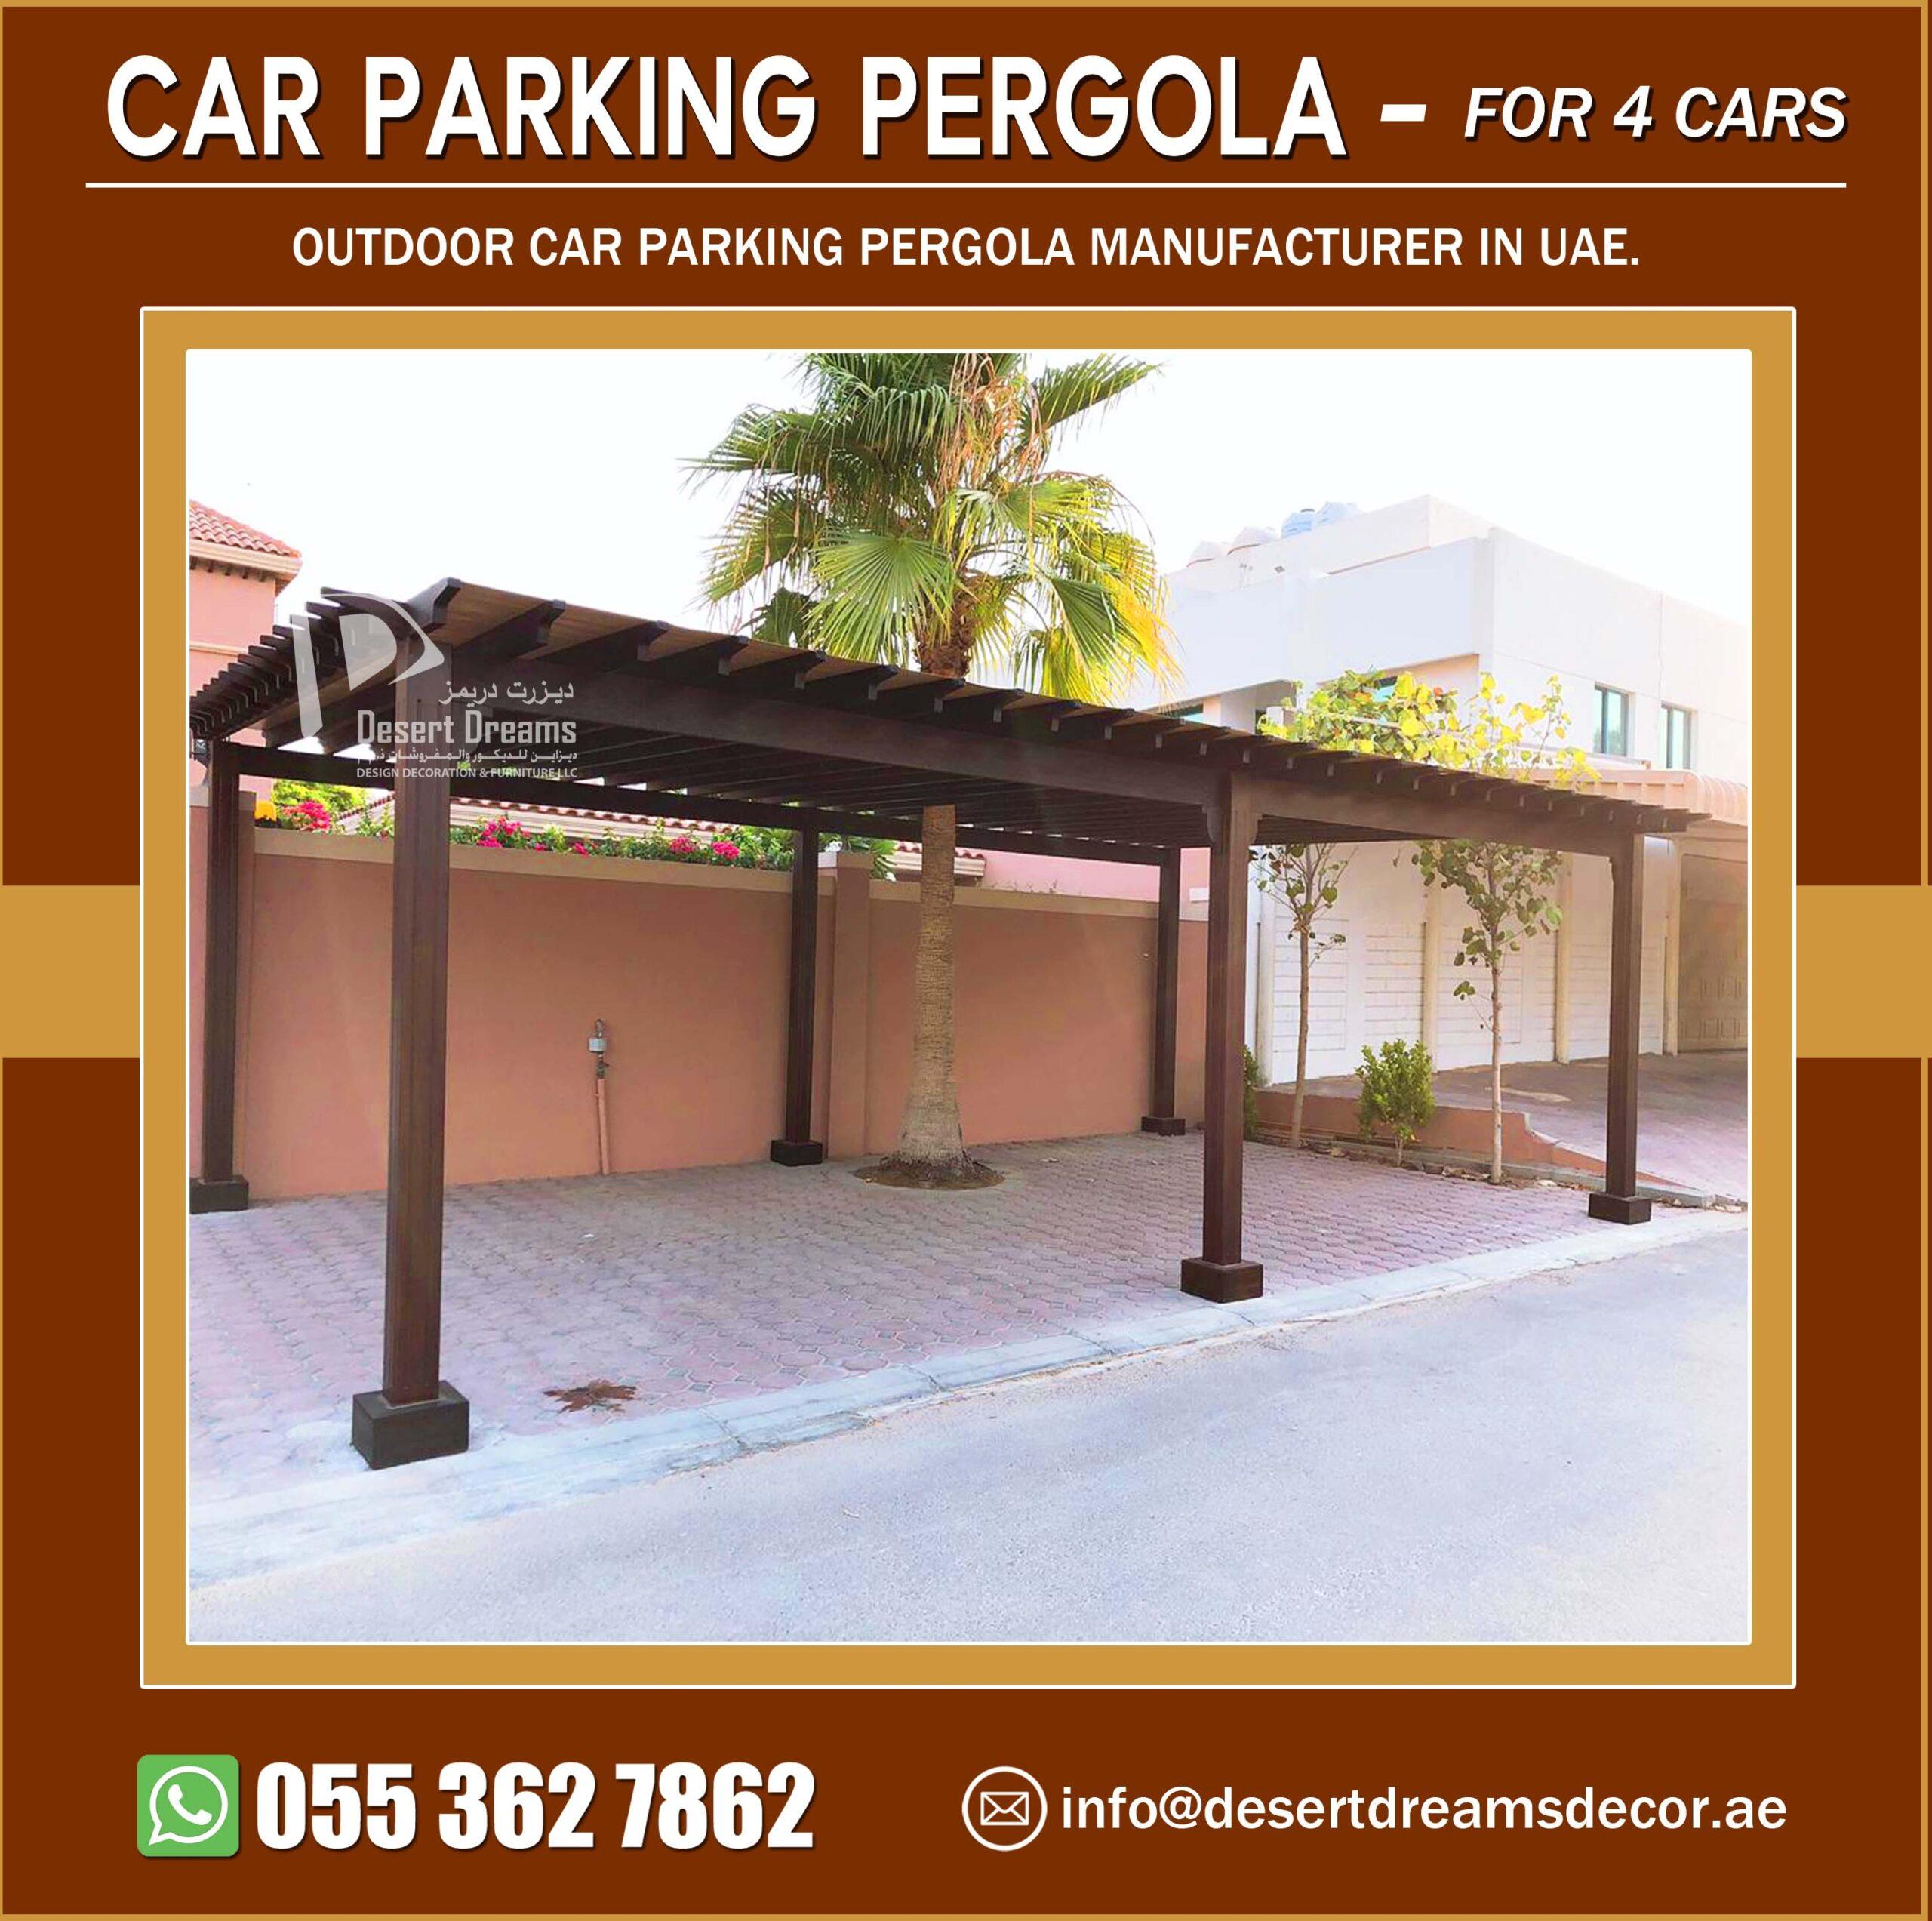 Four Cars Parking Pergola Manufacturer in UAE.jpg